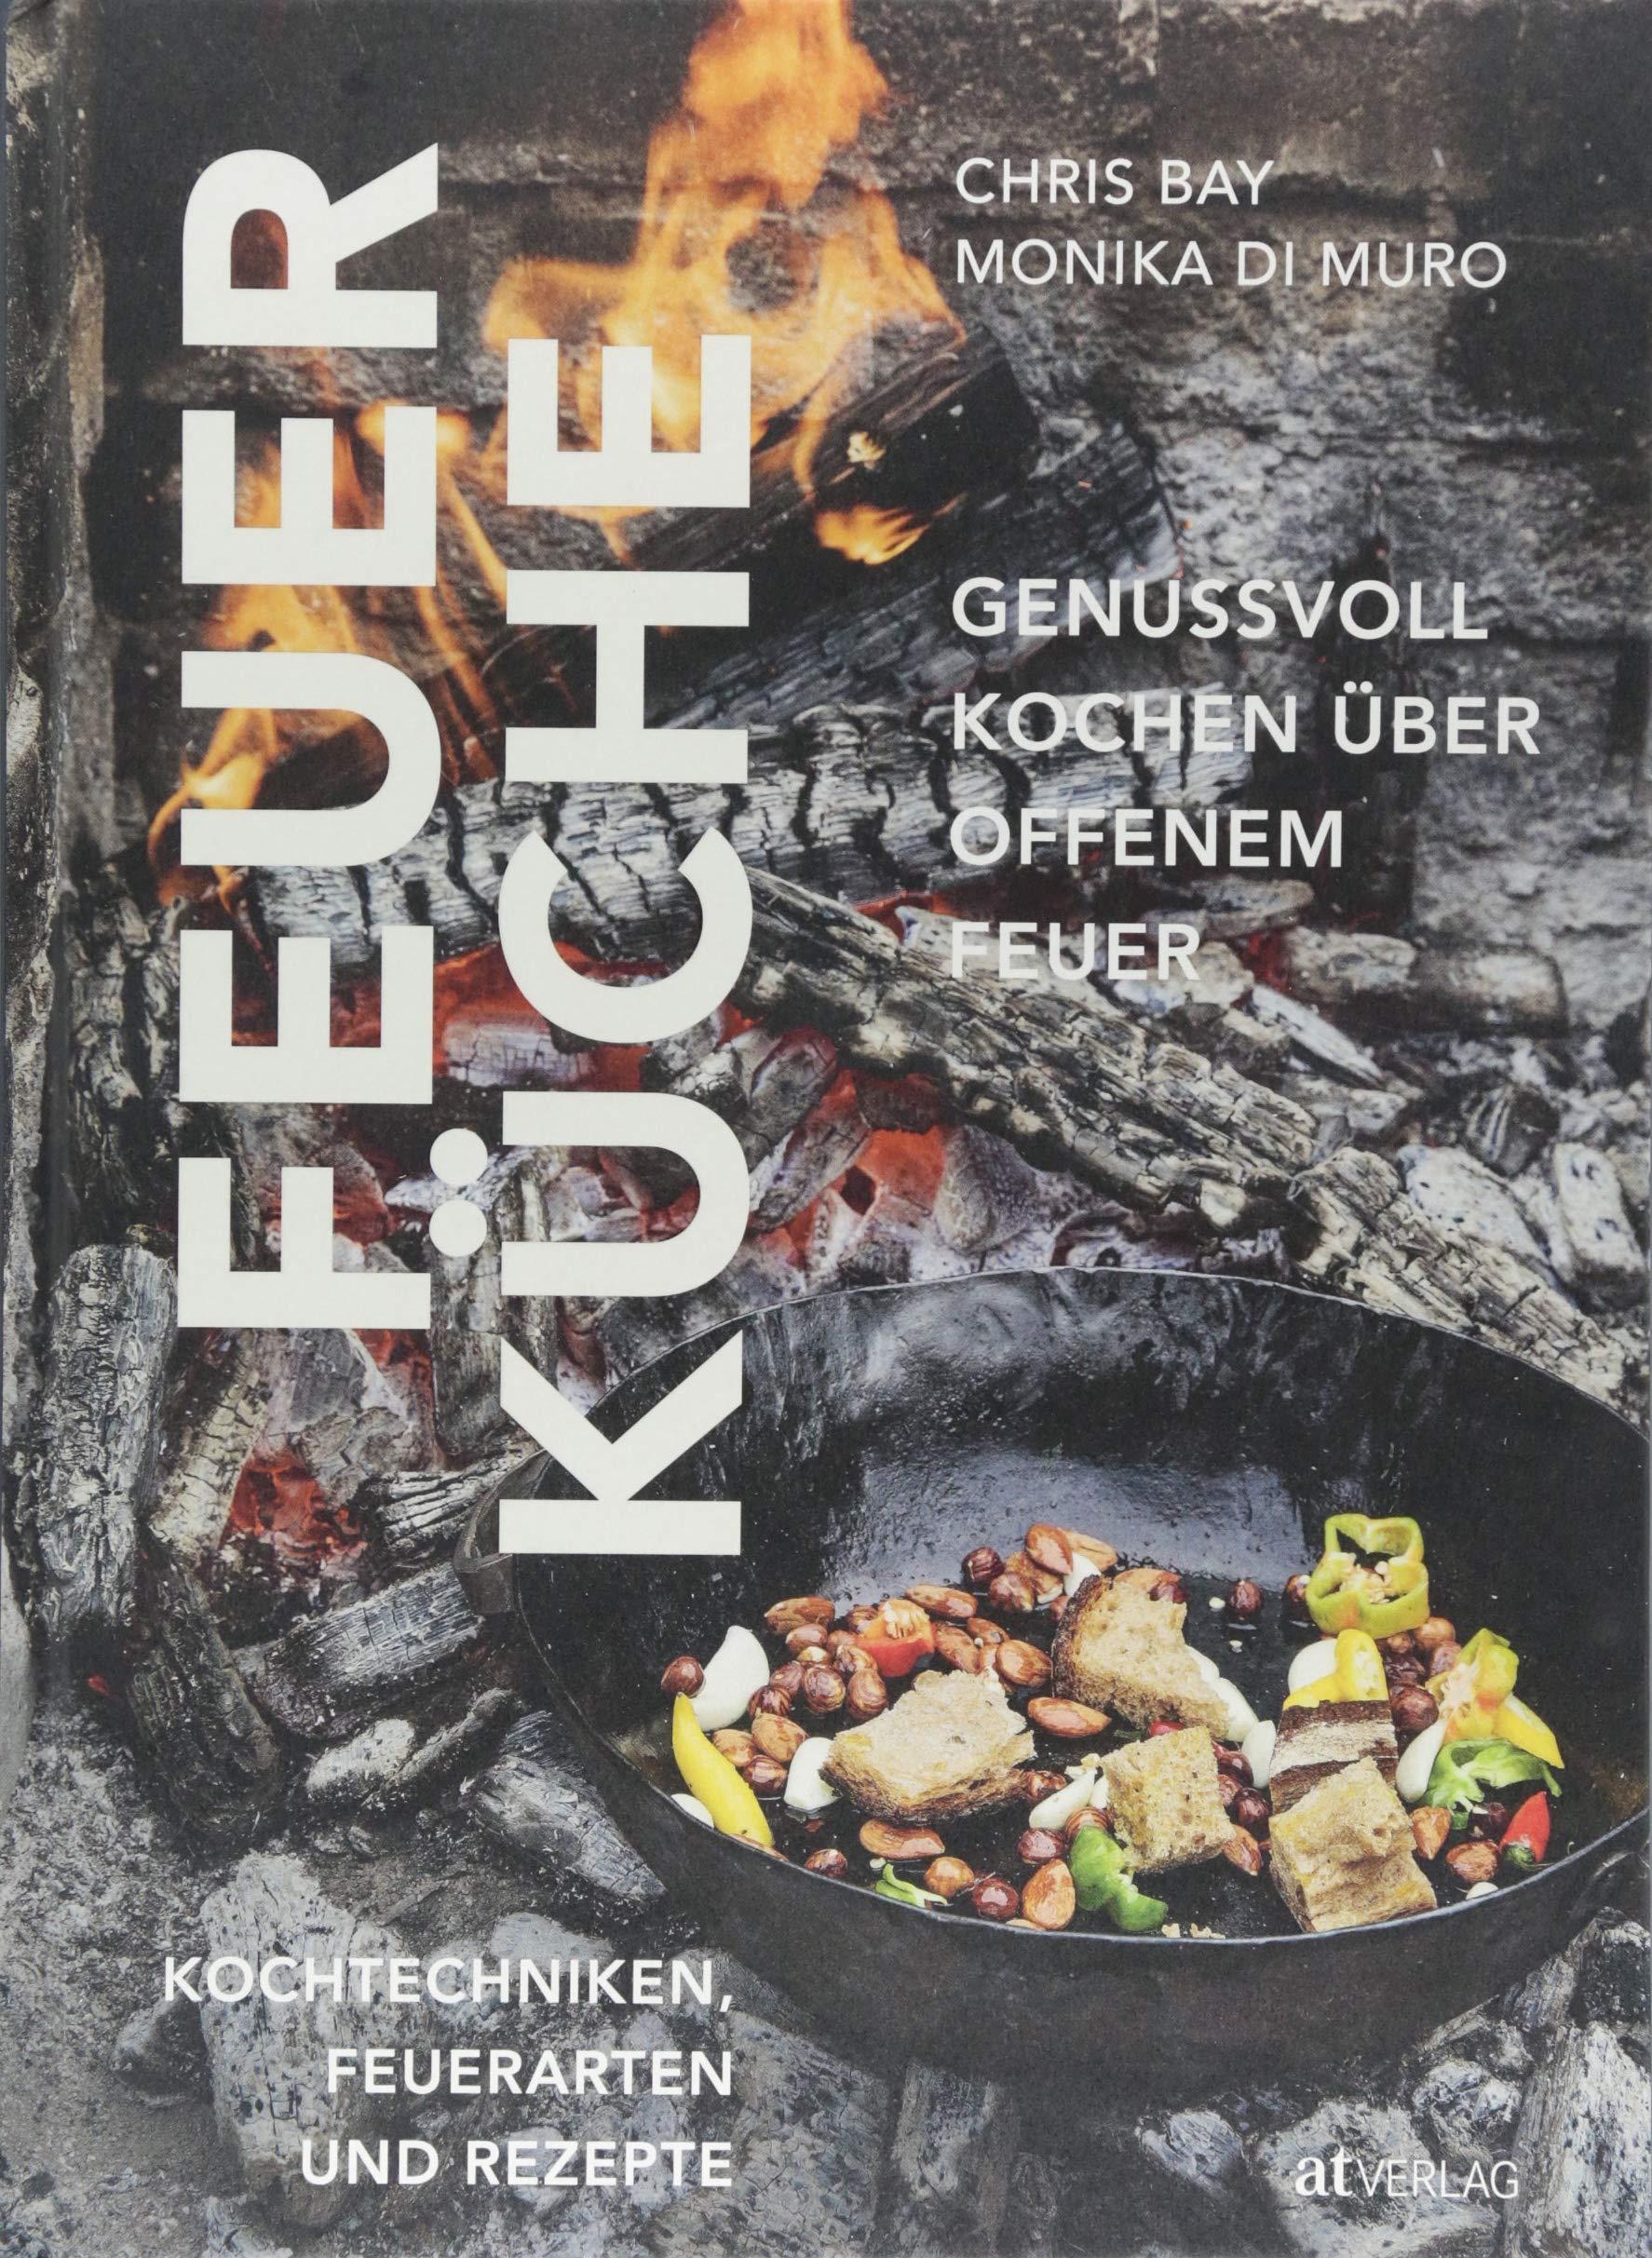 Feuerküche: Genussvoll kochen über offenem Feuer. Kochtechniken, Feuerarten und Rezepte